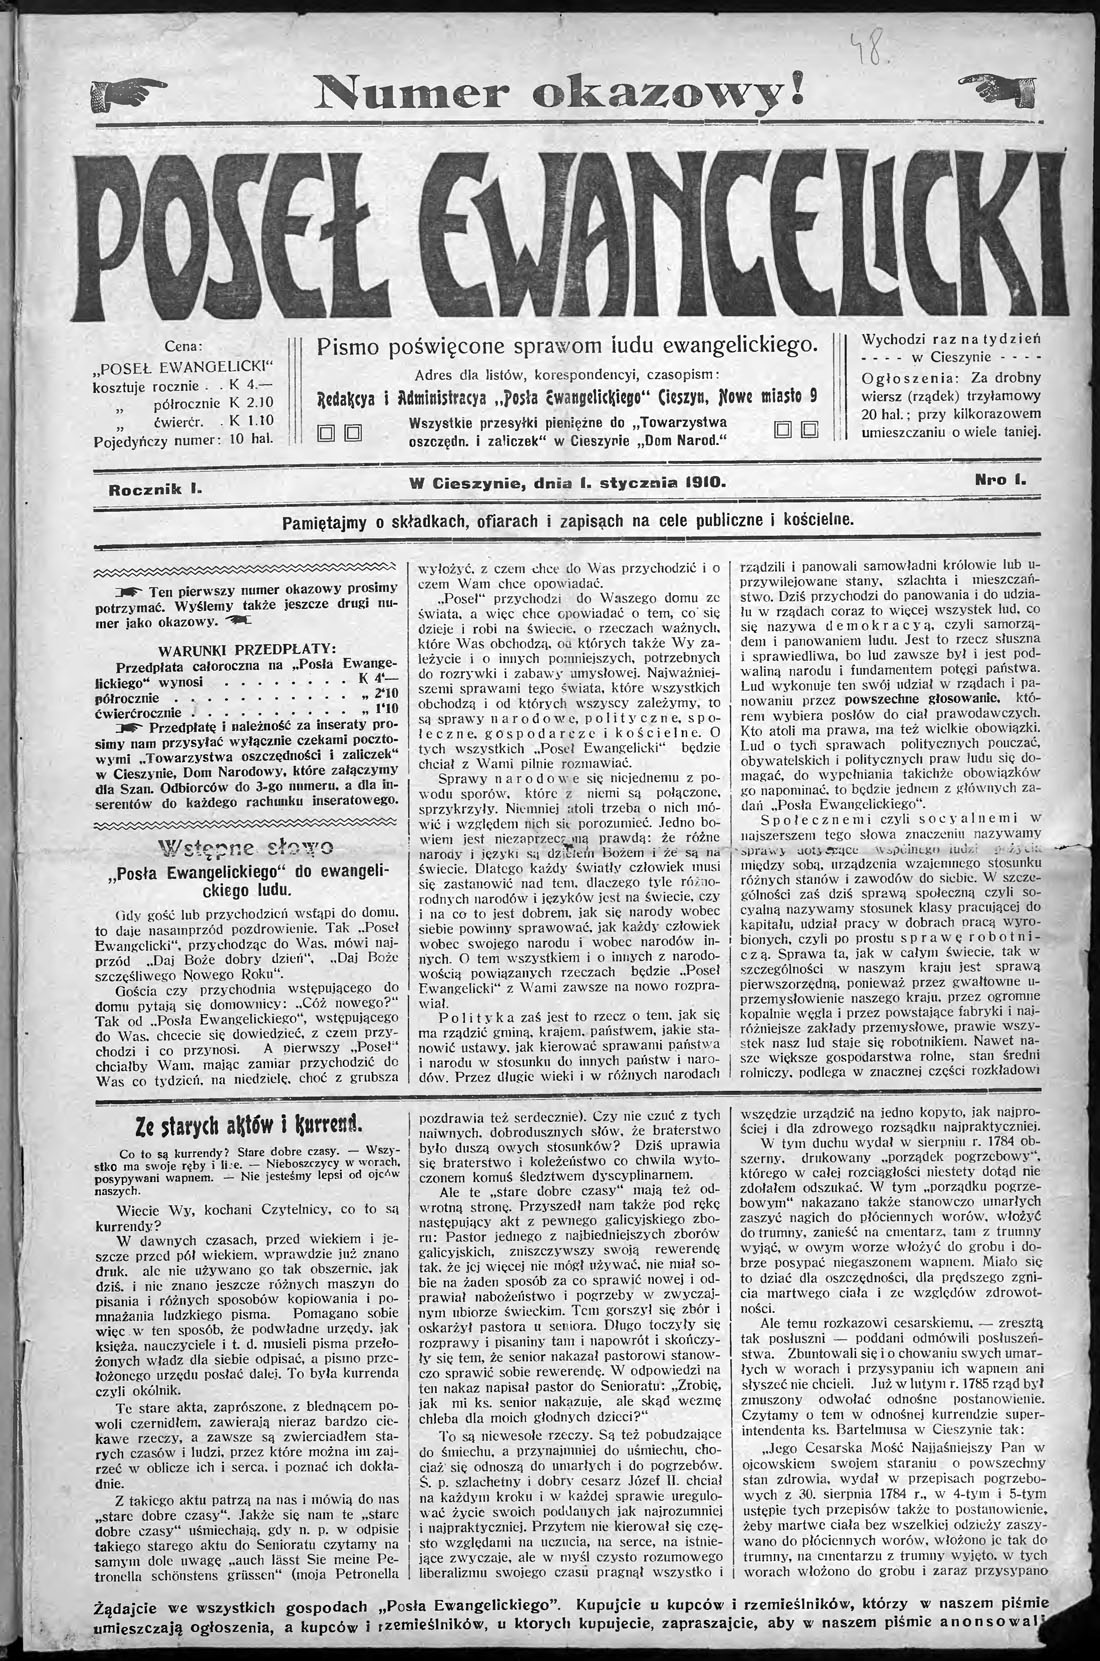 Fileposeł Ewangelicki 01 01 1910jpg Wikimedia Commons